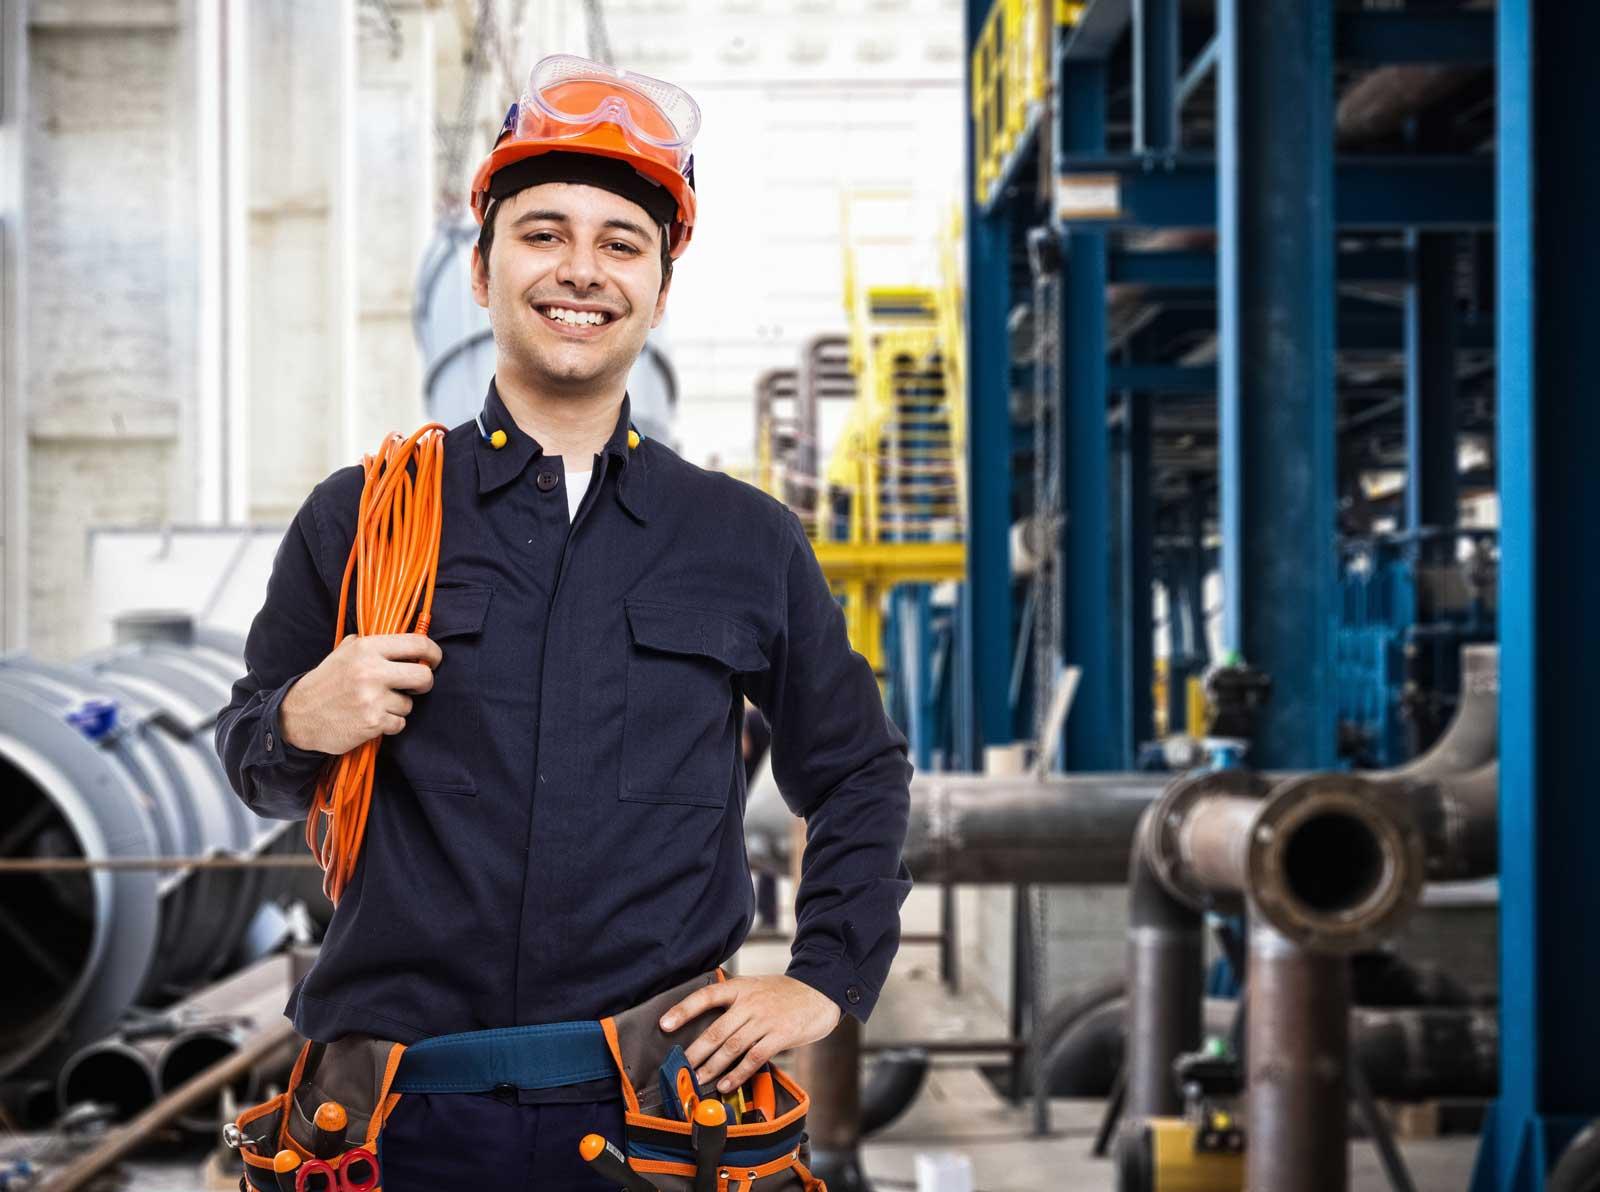 commercial plumbing worker